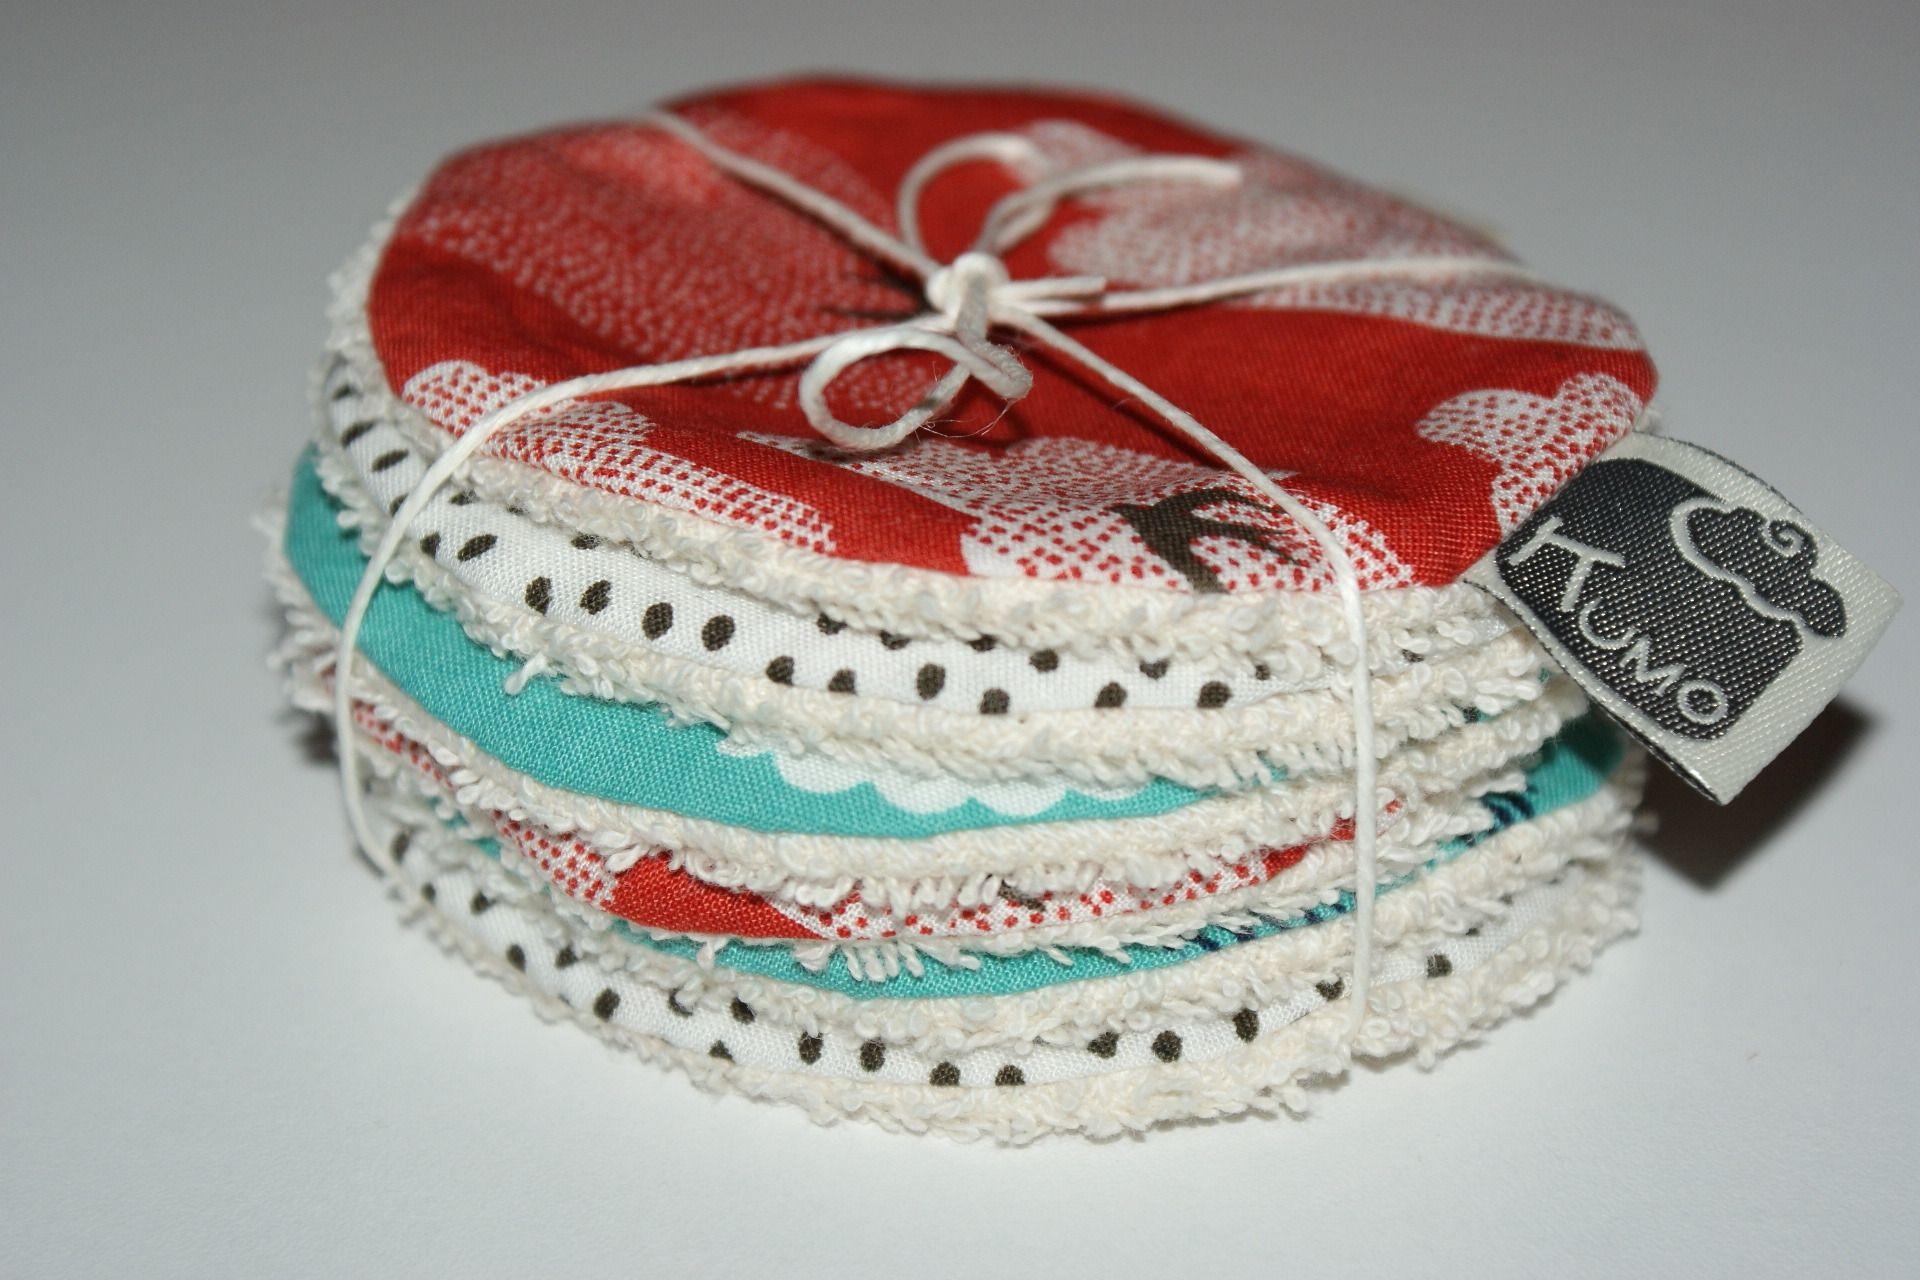 Disques à démaquiller lavables en Coton Bio imprimé asiatique : Soin, bien-être par kumoandfriends. Kumoandfriends.ALittleMarket.com